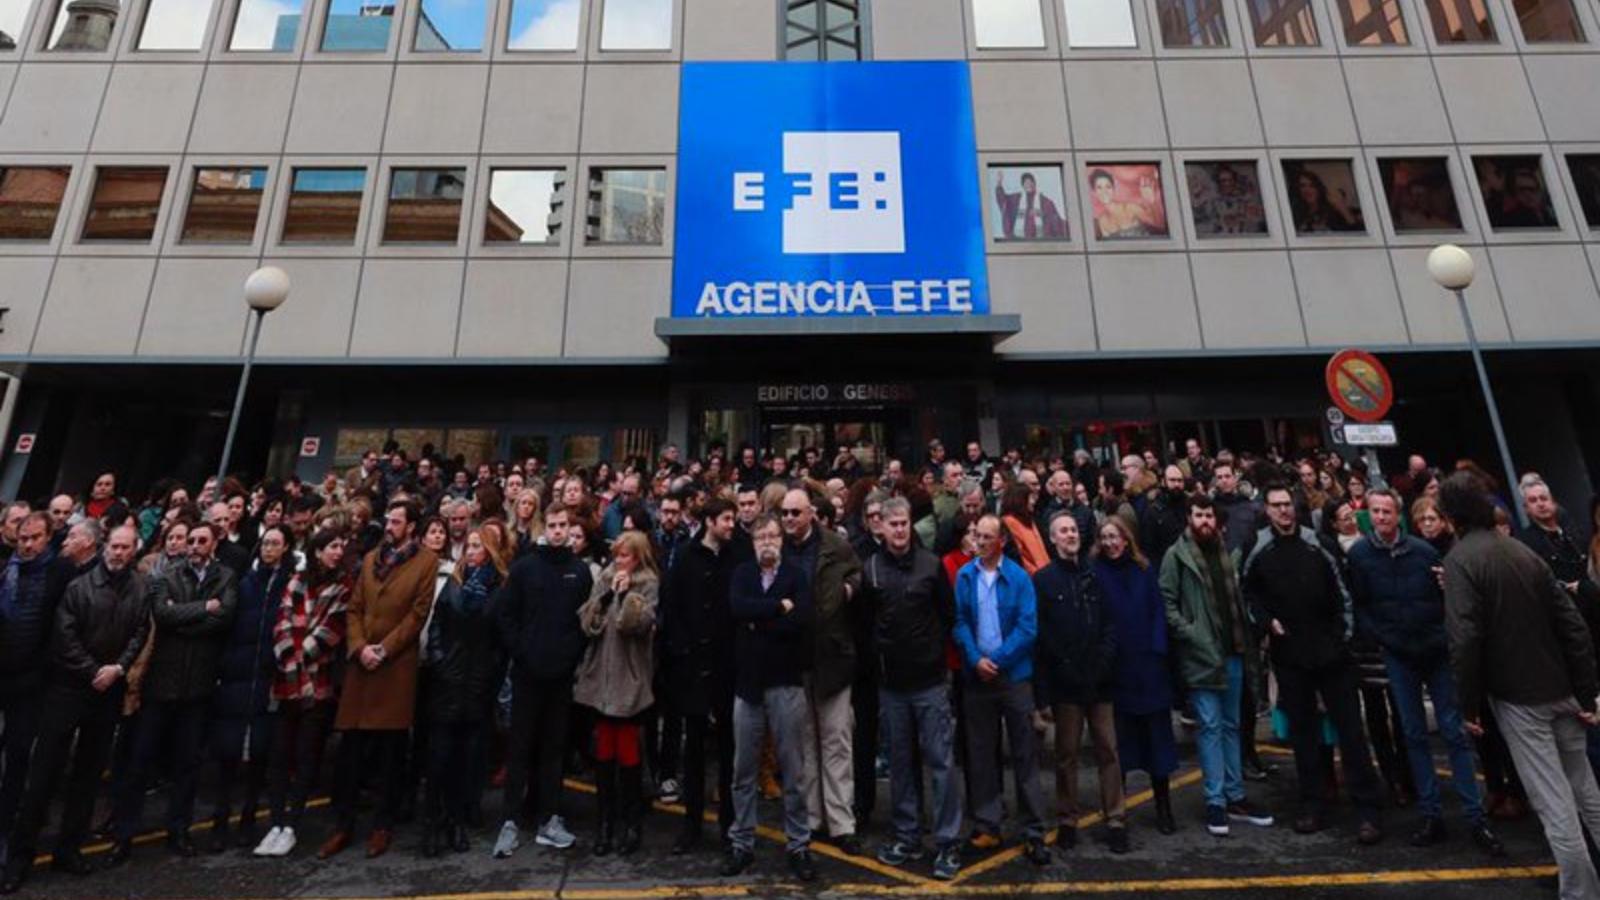 Al Rescate gana el concurso de mantenimiento informático de la Agencia EFE